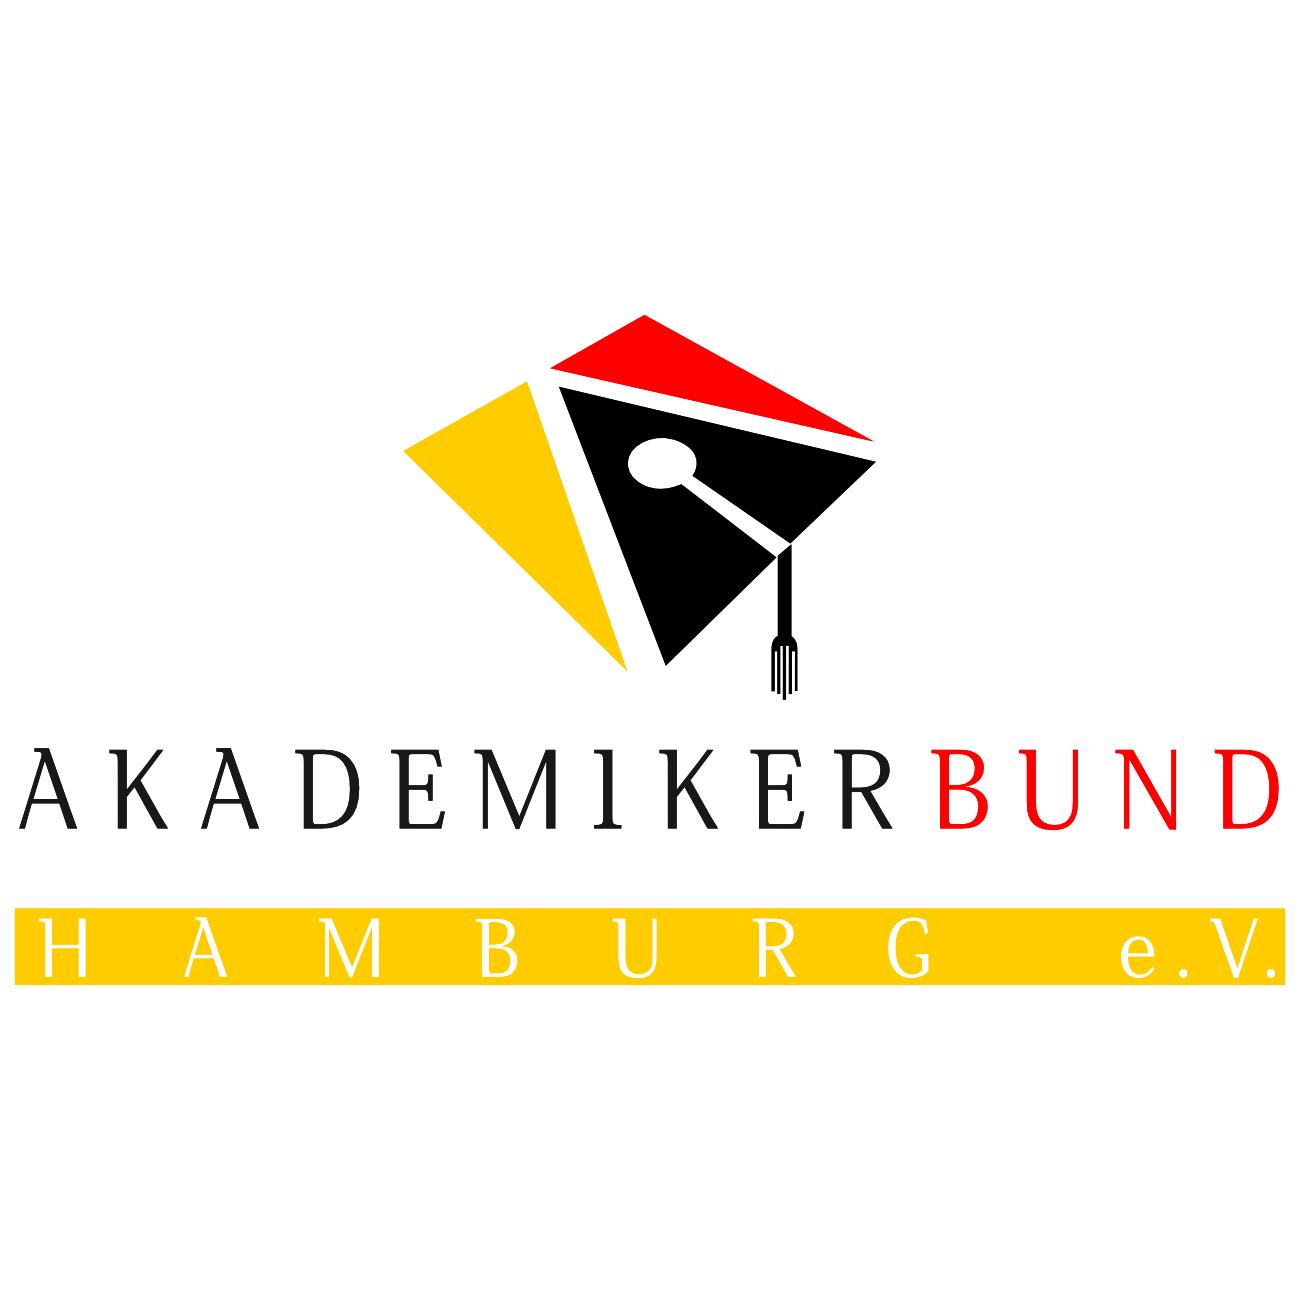 Akademiker Bund Hamburg e.V.